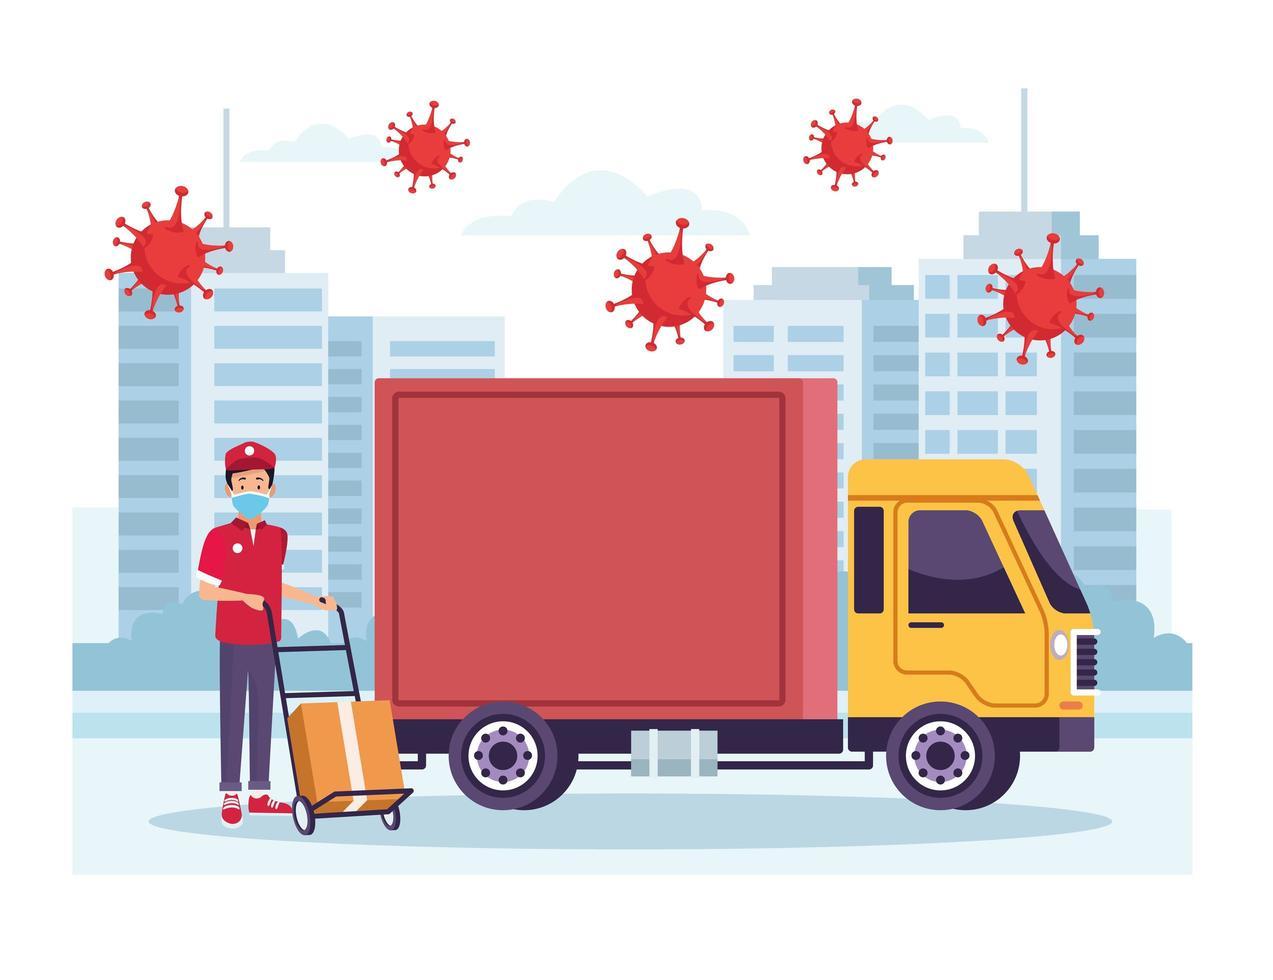 courrier avec service de livraison par camion avec des particules de coronavirus vecteur